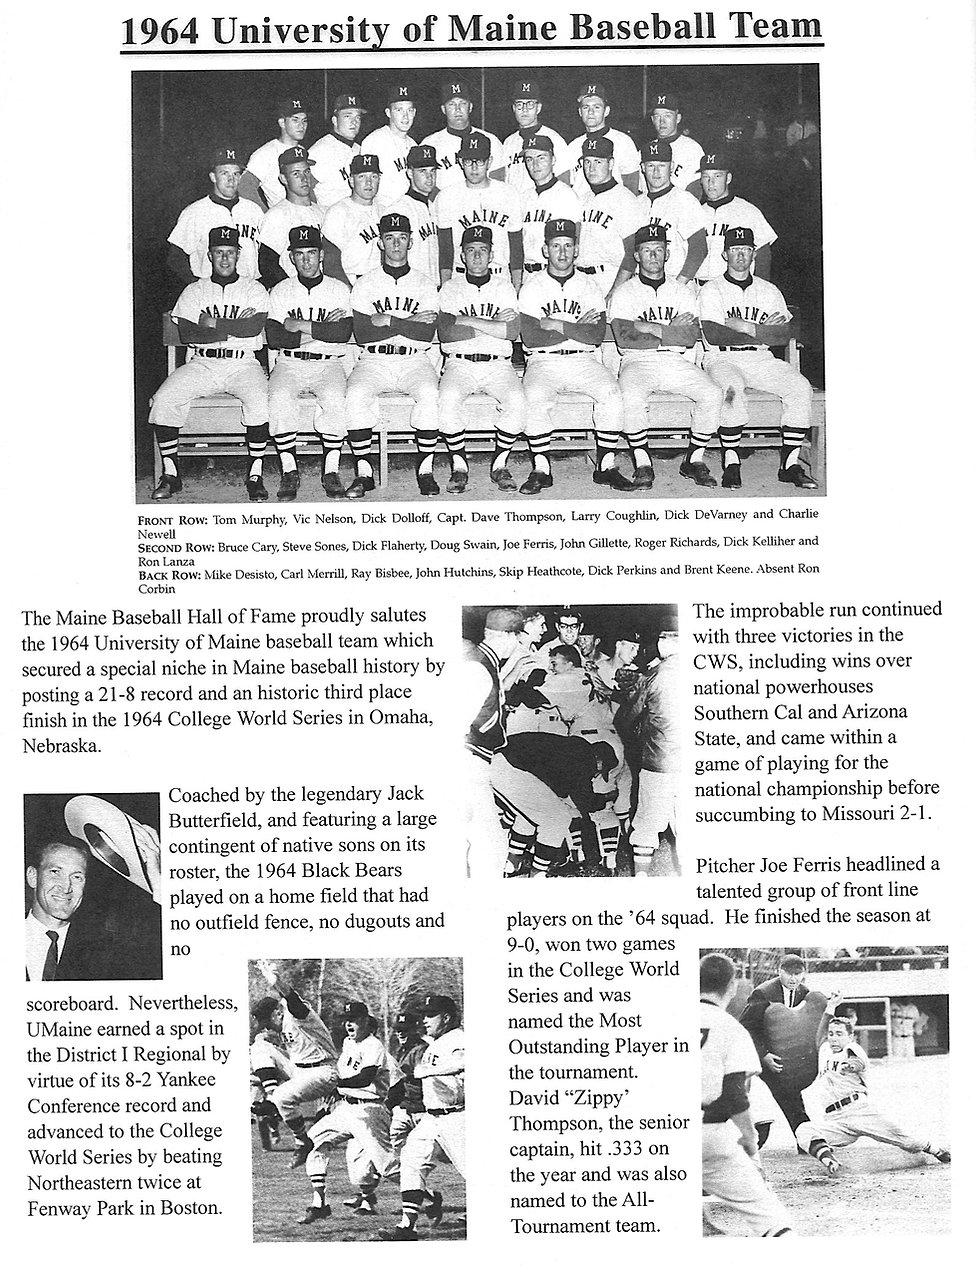 2014 Honored team 1964 UMO team 1.jpeg